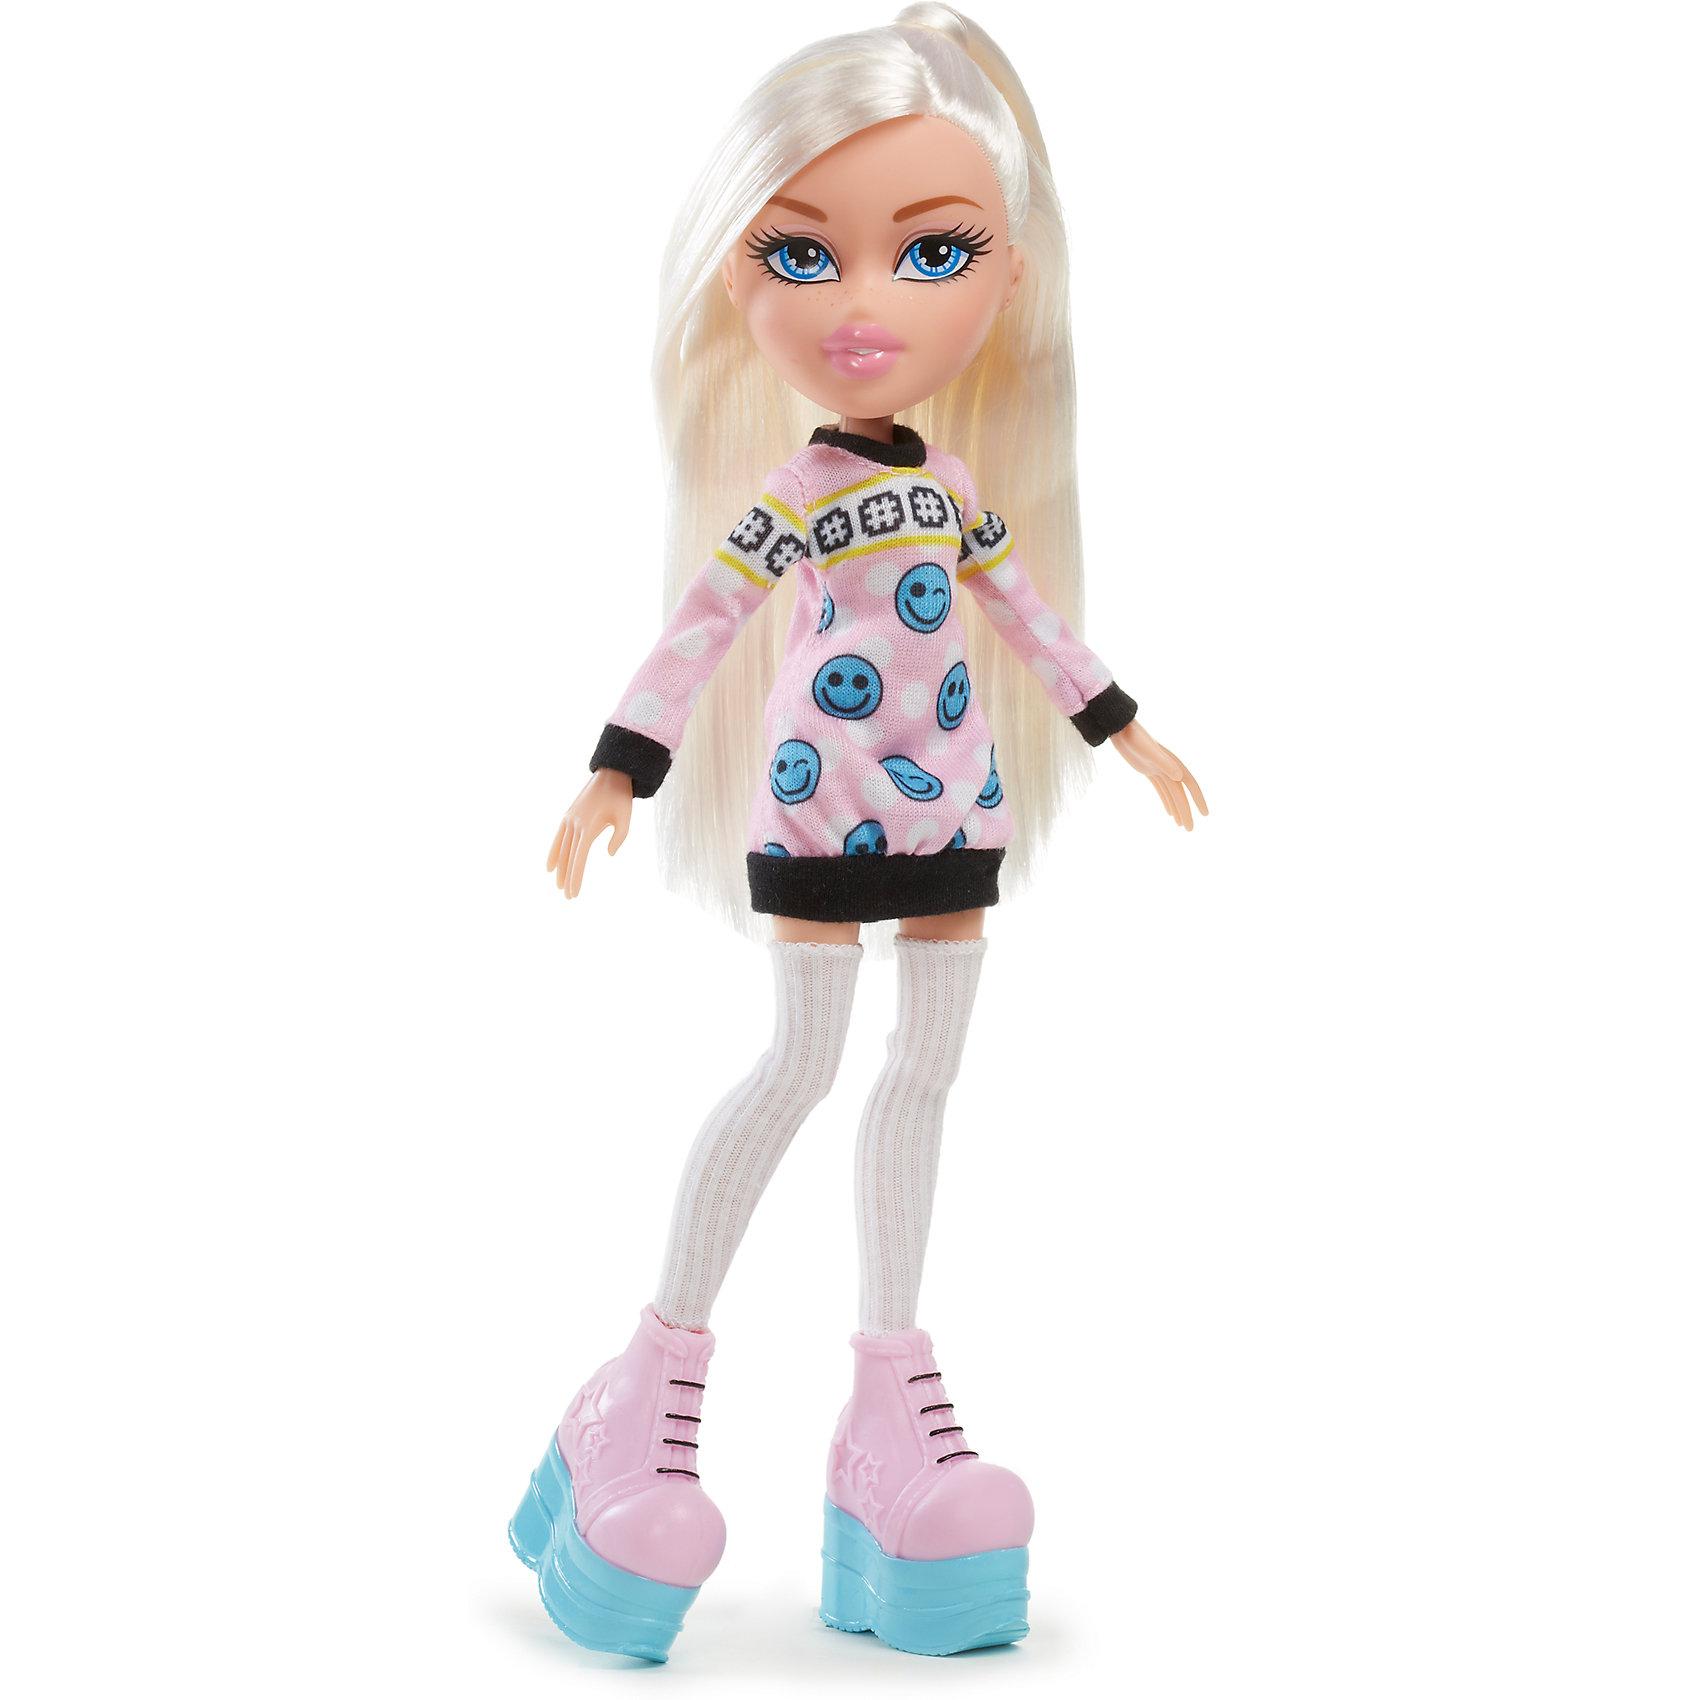 Кукла делюкс Хлоя, Любители селфи, BratzХарактеристики товара:<br><br>- цвет: разноцветный;<br>- материал: пластик, текстиль;<br>- тематика: любители селфи;<br>- особенности: руки и ноги сгибаются;<br>- комплектация: кукла, аксессуары;<br>- размер упаковки: 21х31х7 см;<br>- размер куклы: 25 см.<br><br>Такие красивые куклы не оставят ребенка равнодушным! Какая девочка откажется поиграть с куклой Bratz?! Игрушка отлично детализирована, очень качественно выполнена, поэтому она станет отличным подарком ребенку. В наборе идут одежда и аксессуары, которыми можно украсить куклу!<br>Изделие произведено из высококачественного материала, безопасного для детей.<br><br>Куклу делюкс Хлоя, Любители селфи от бренда Bratz можно купить в нашем интернет-магазине.<br><br>Ширина мм: 210<br>Глубина мм: 310<br>Высота мм: 70<br>Вес г: 413<br>Возраст от месяцев: 48<br>Возраст до месяцев: 2147483647<br>Пол: Женский<br>Возраст: Детский<br>SKU: 5040288